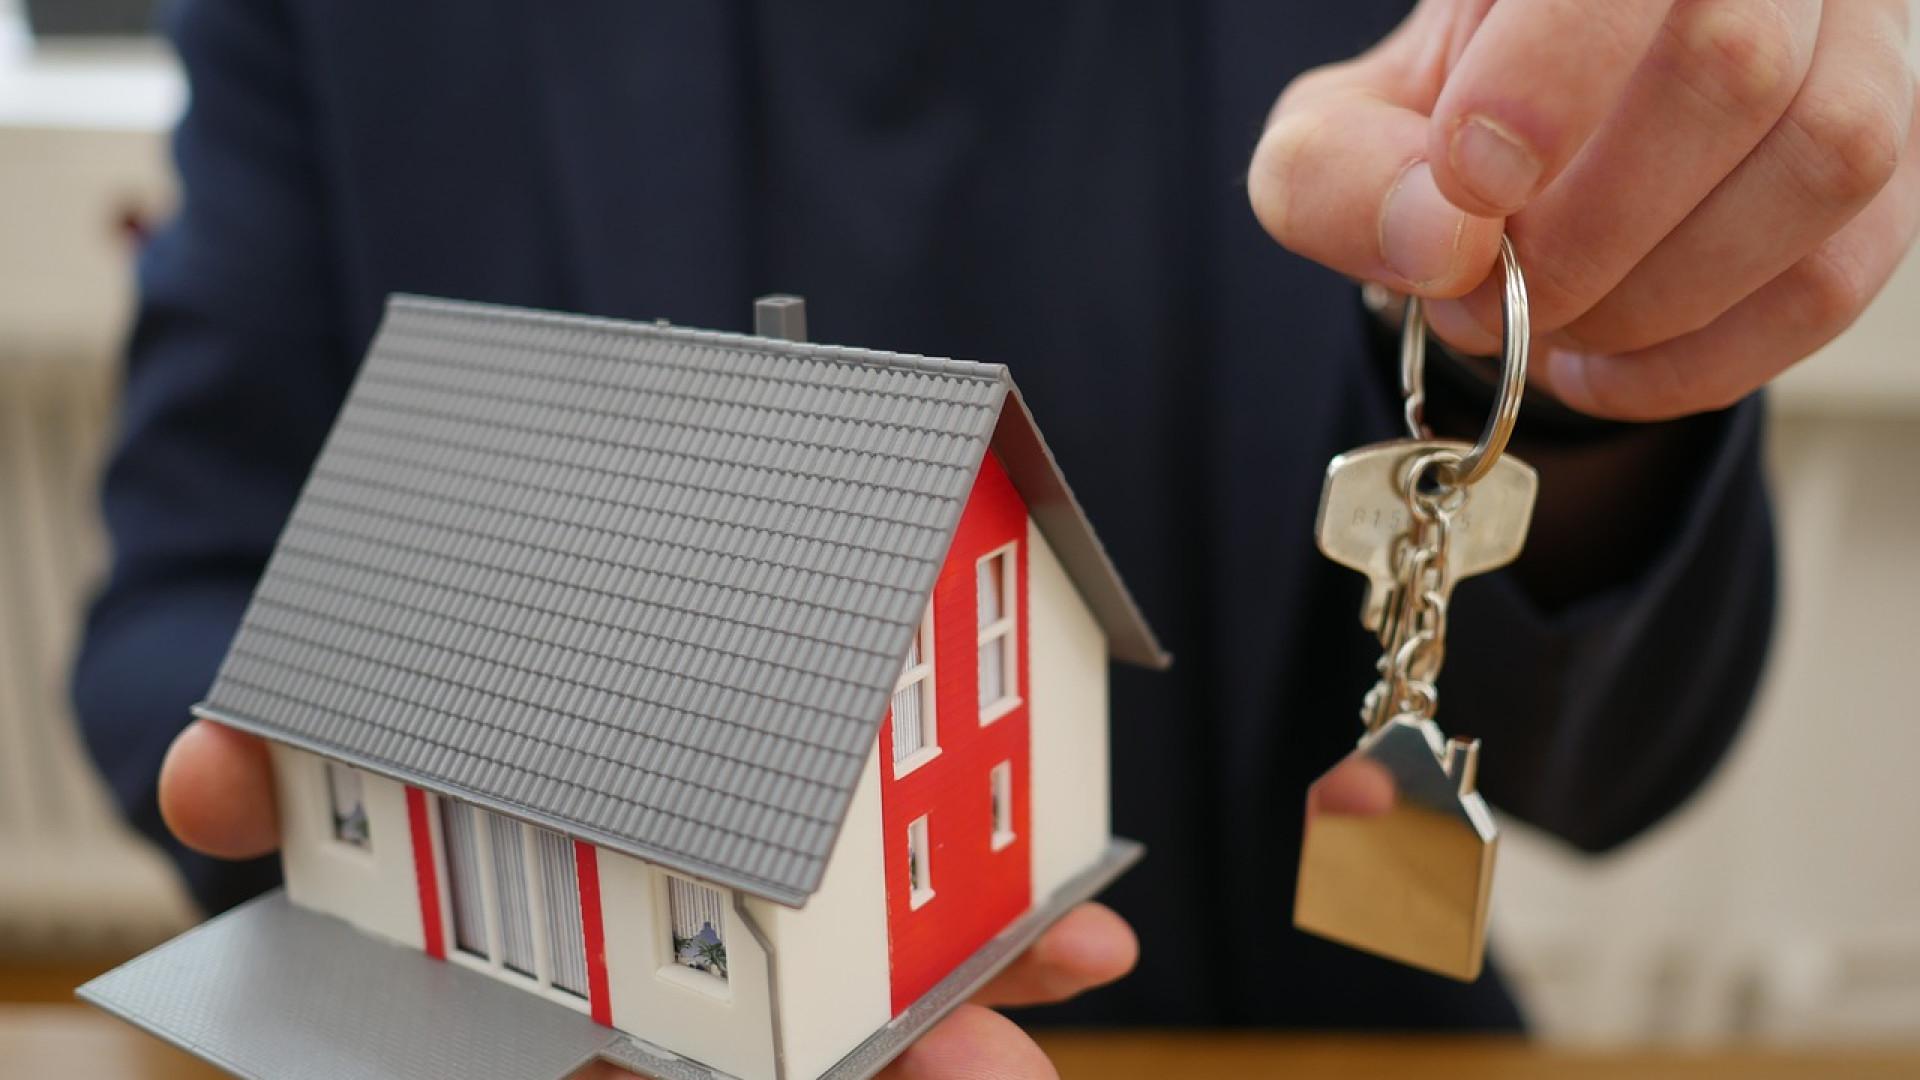 Comment estimer la valeur de votre bien immobilier